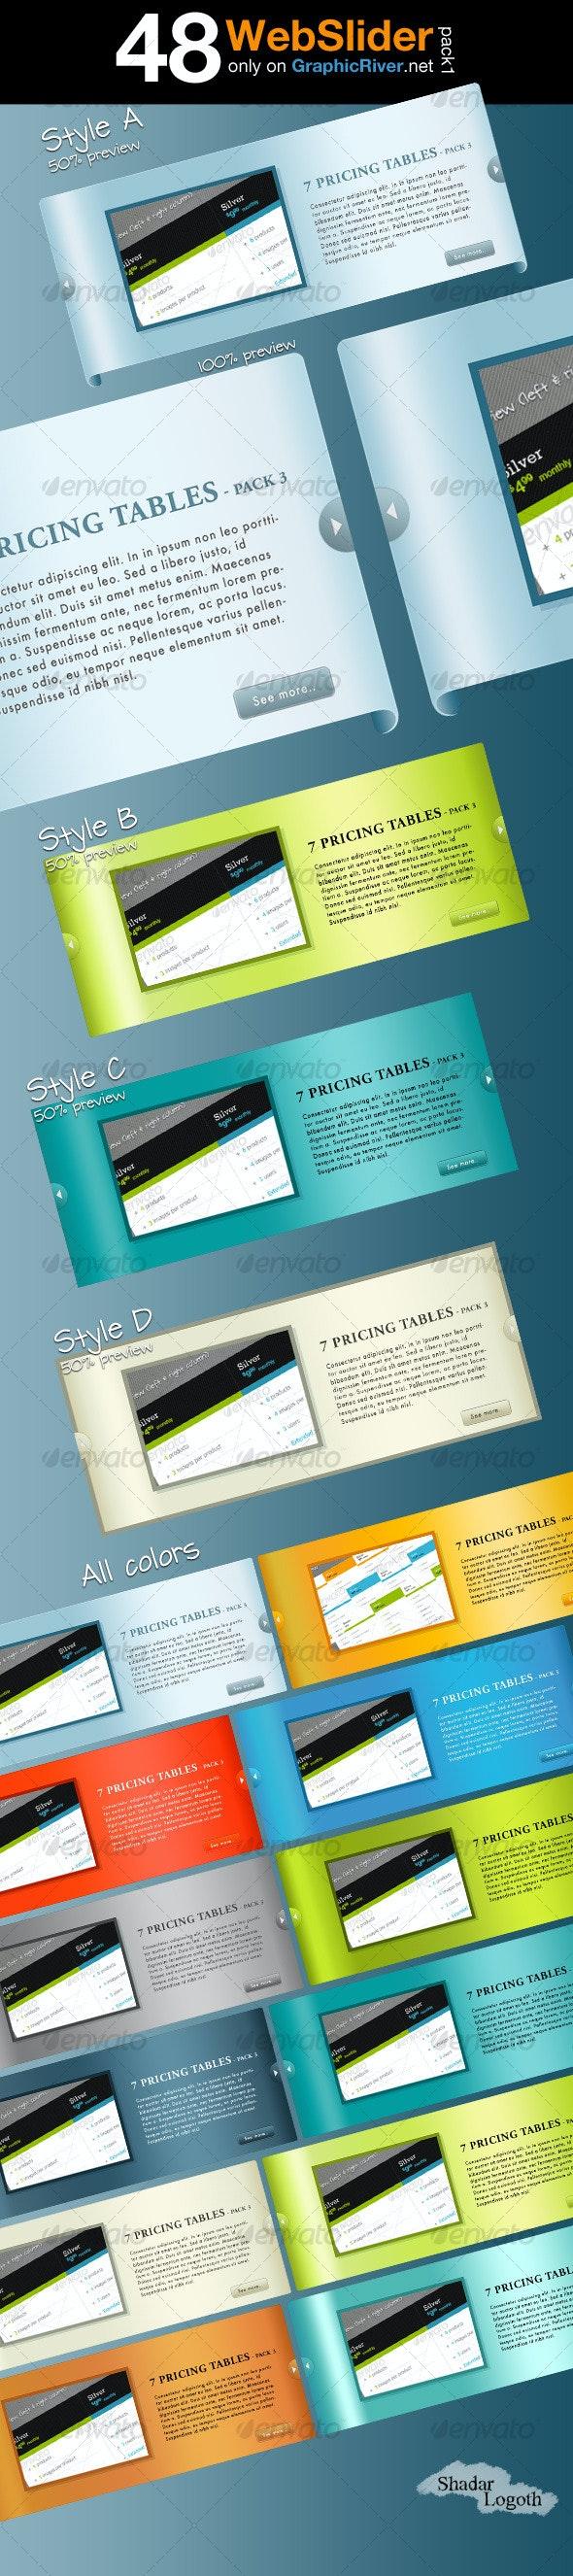 48 Web Slider - Pack 1 - Web Elements